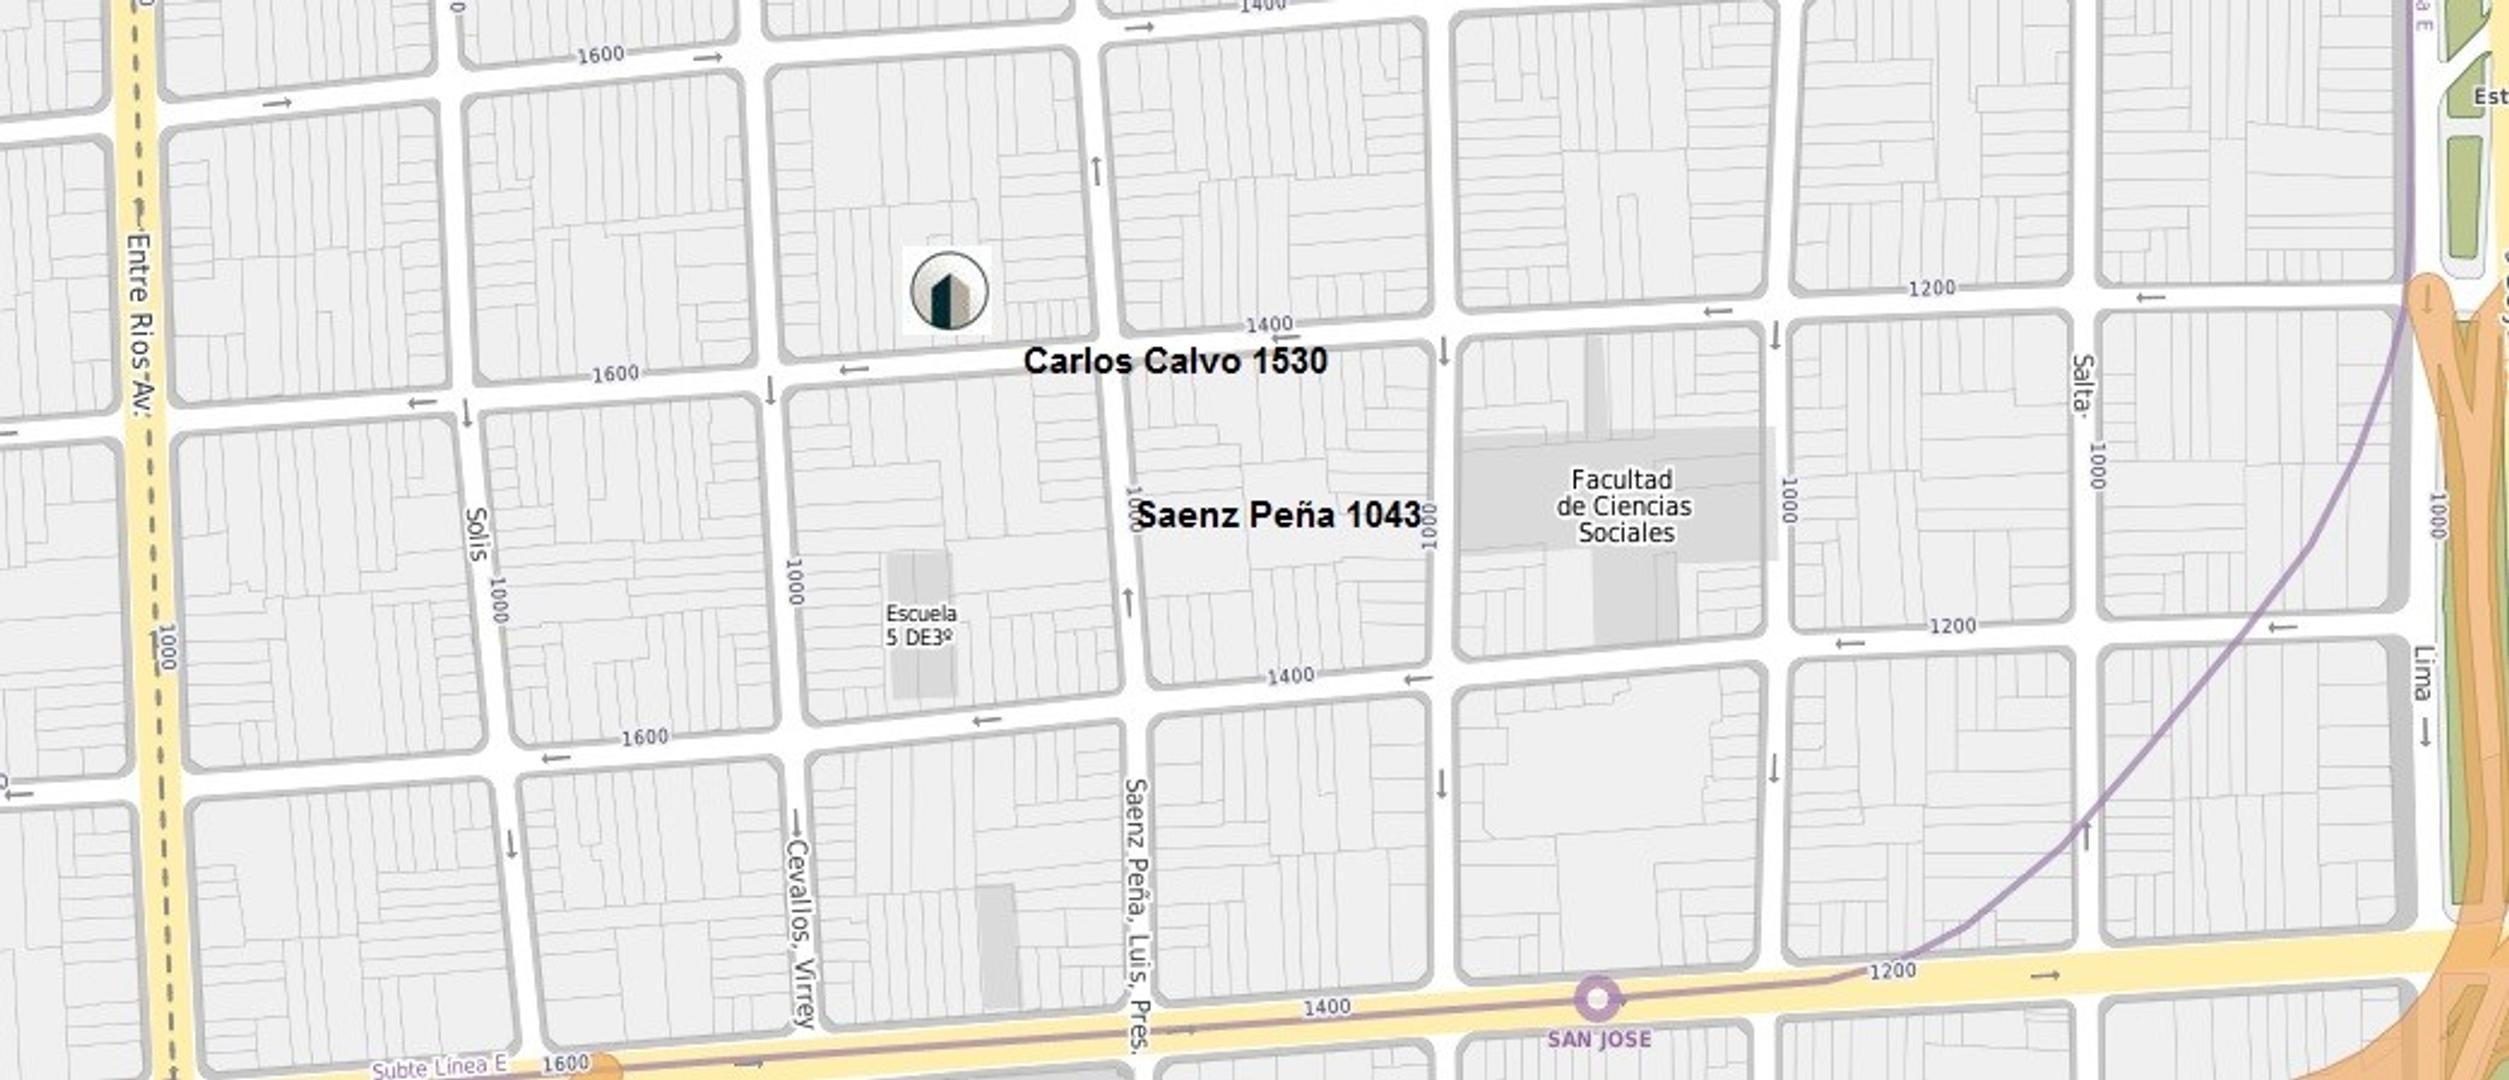 XINTEL(COI-COI-738) Departamento - Venta - Argentina, Capital Federal - Presidente Luis Sáenz Peñ...